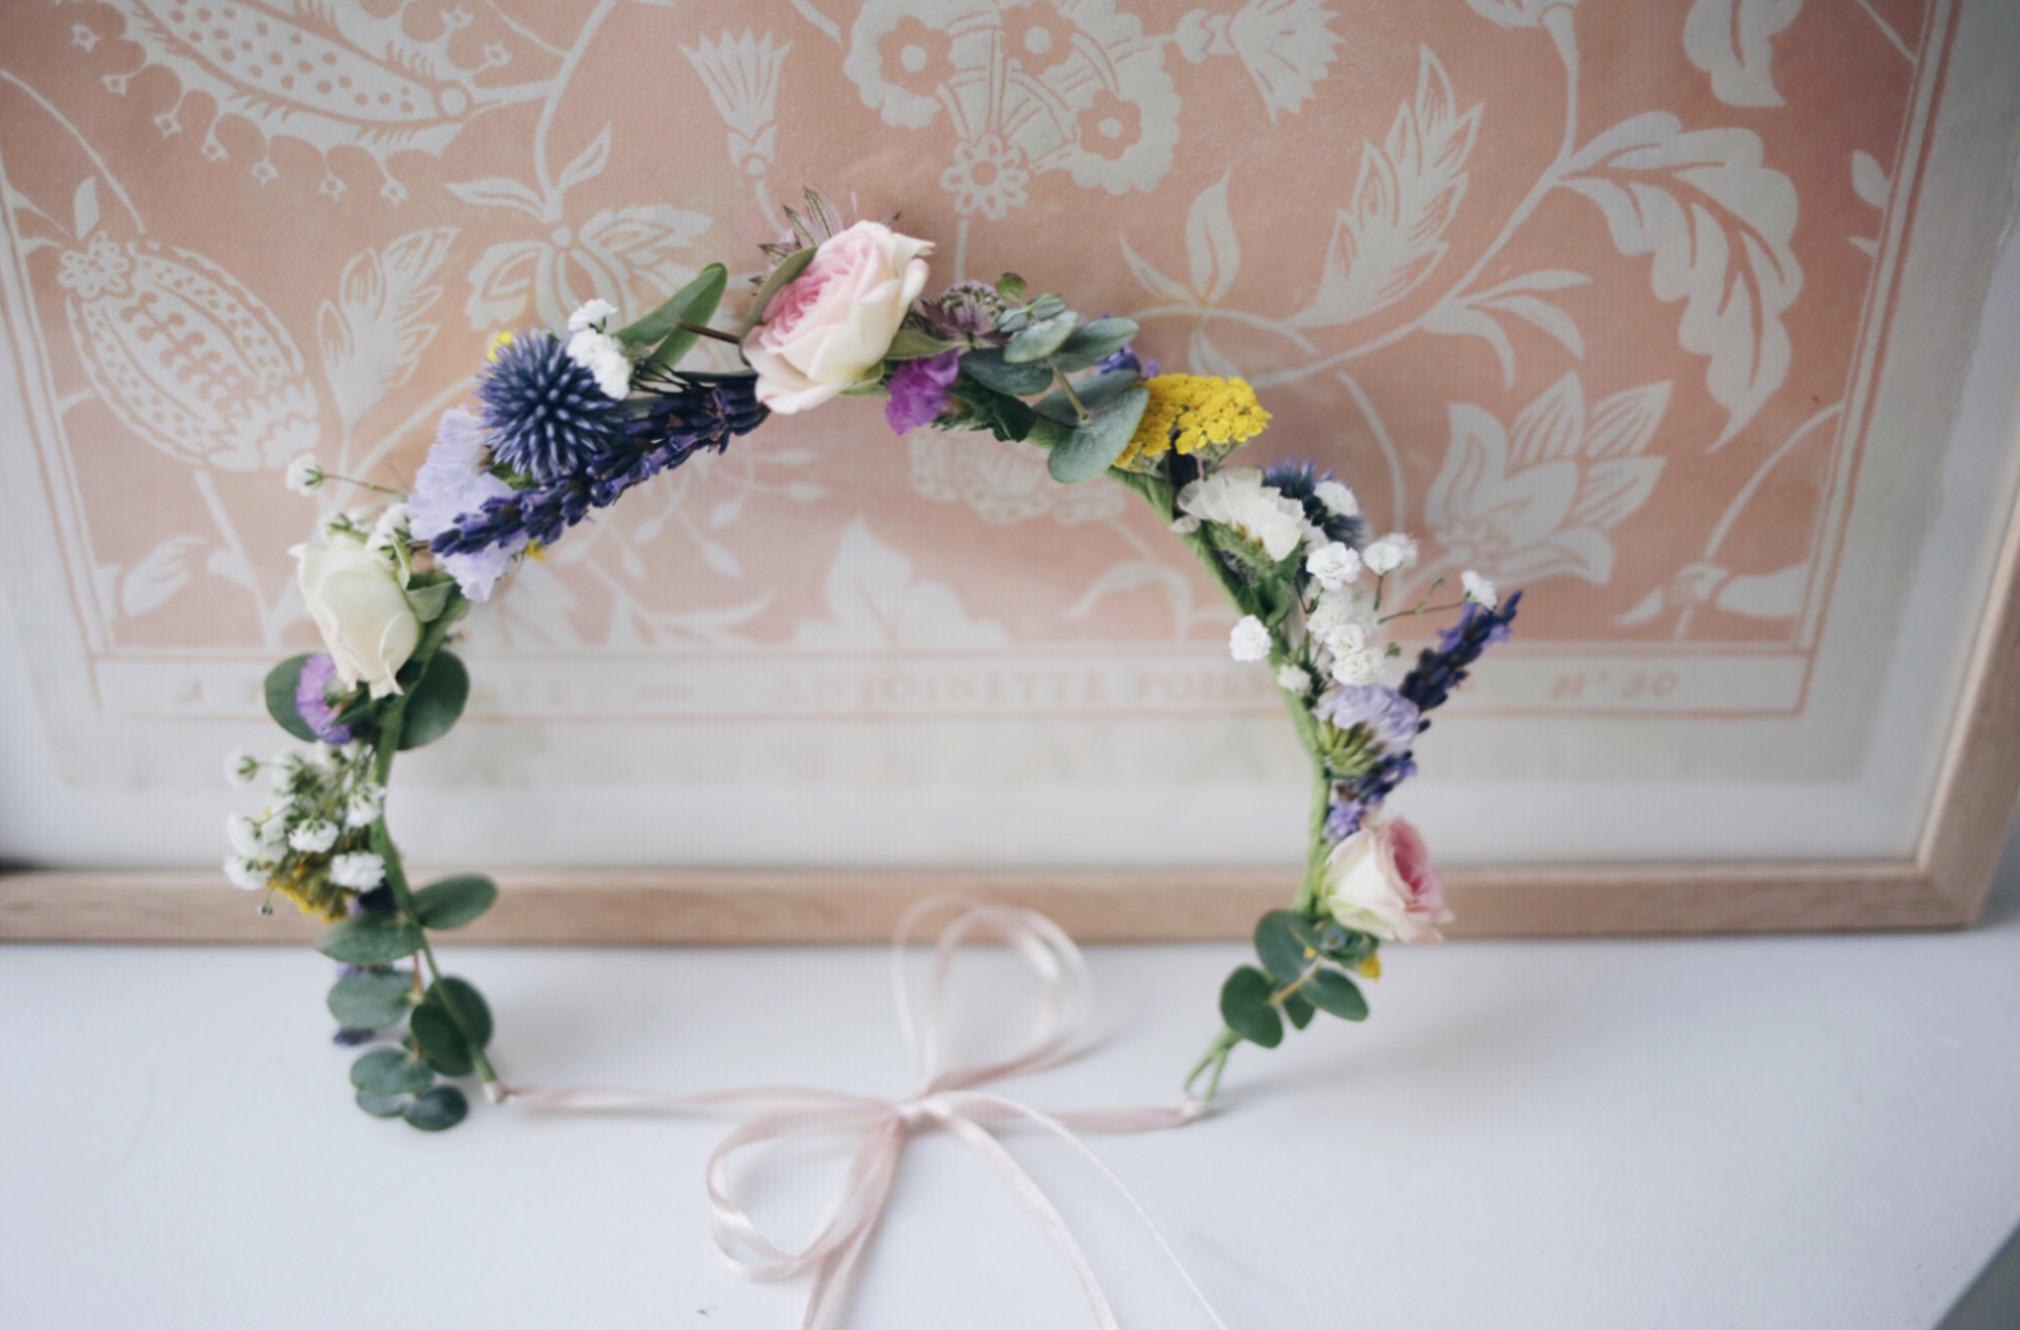 tuto diy la couronne de fleurs fraiches zo bassetto blog mode beaut lifestyle lyon. Black Bedroom Furniture Sets. Home Design Ideas